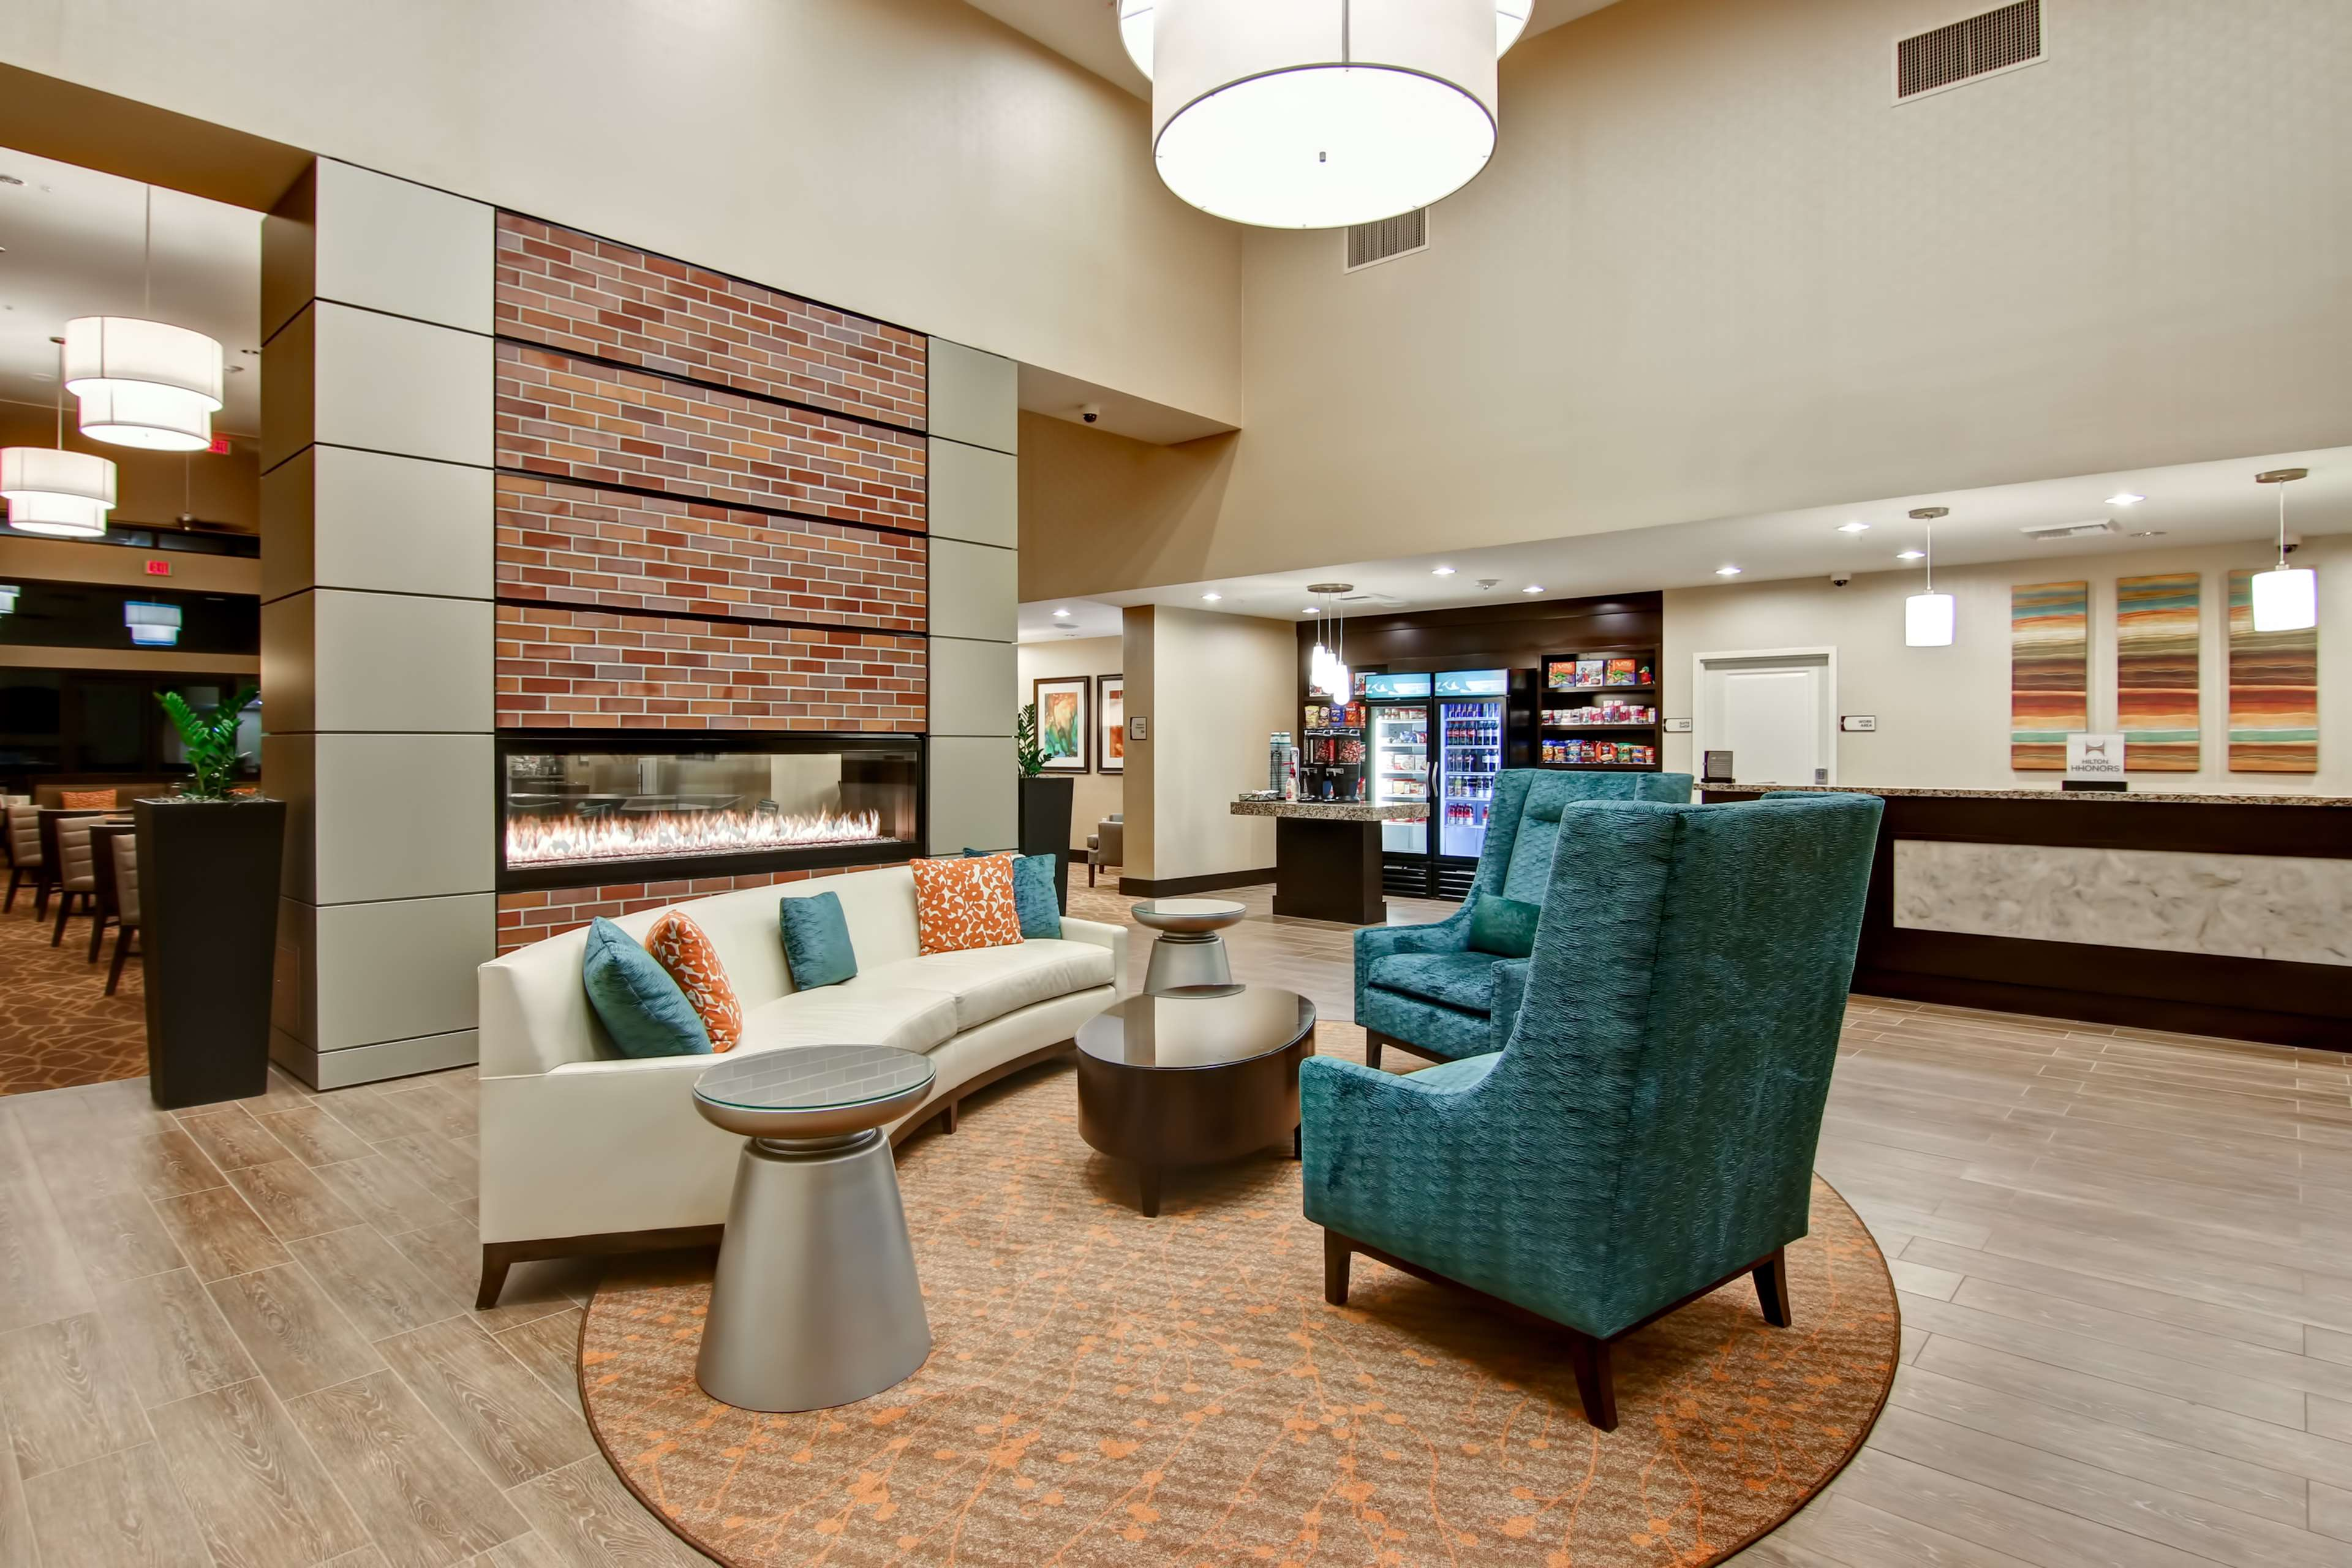 Homewood Suites by Hilton Palo Alto image 8